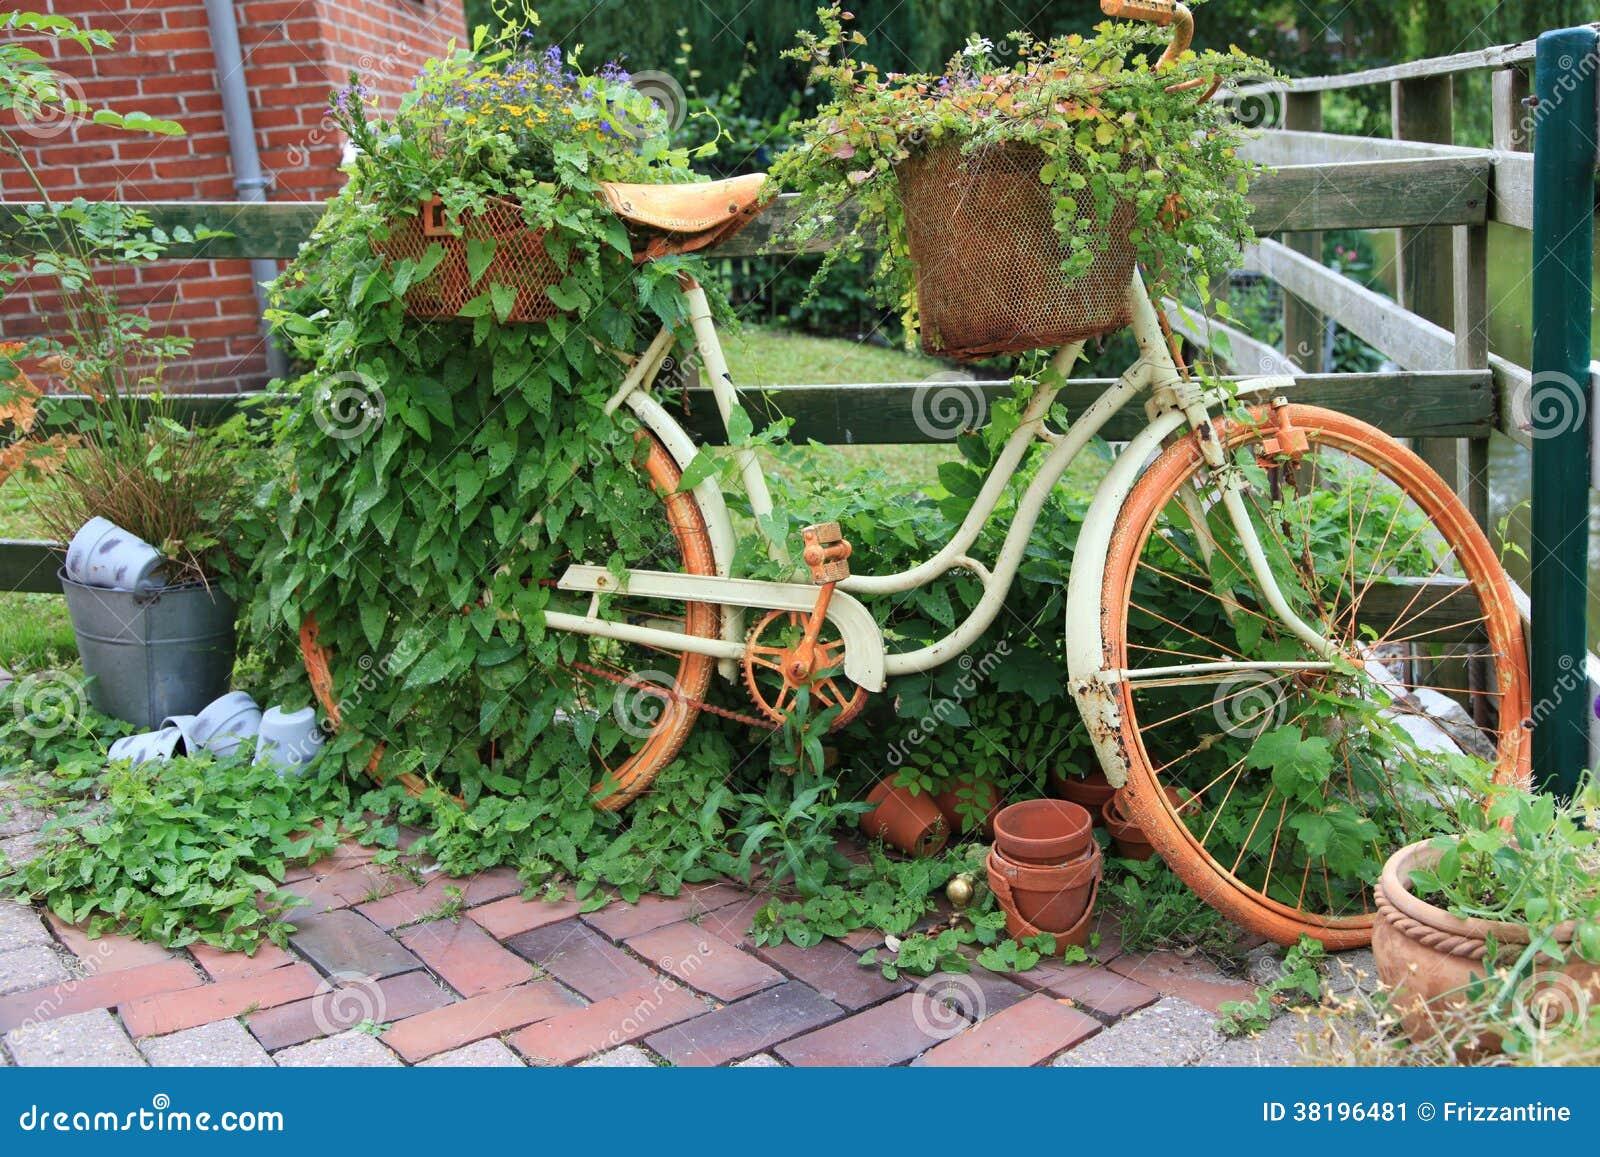 Tuindecoratie met een oude fiets stock afbeelding beeld 38196481 - Decoratie stijl van de bergen ...